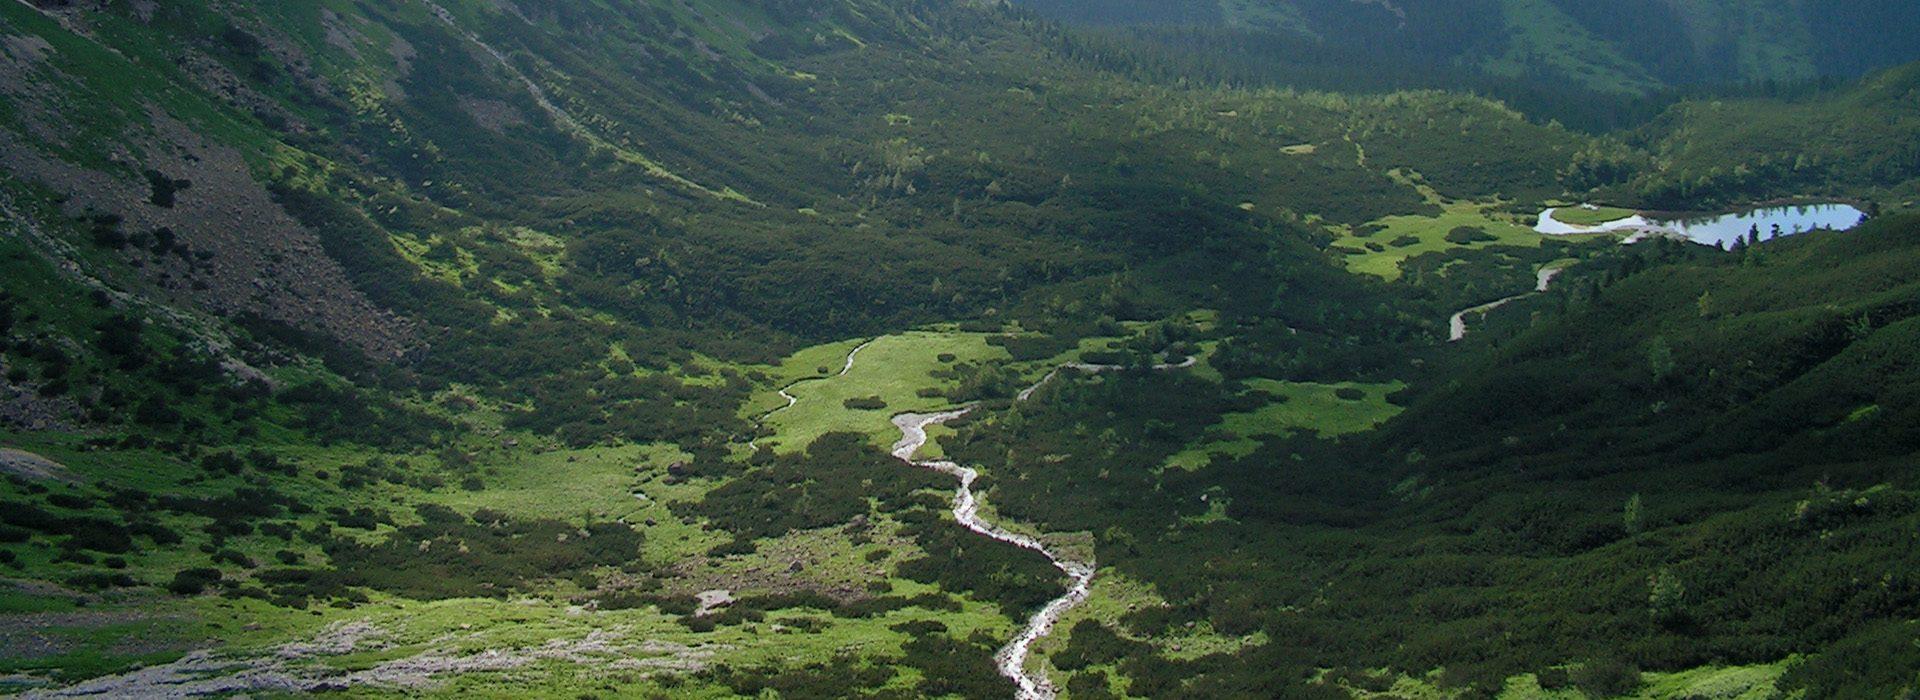 Javorovou dolinou